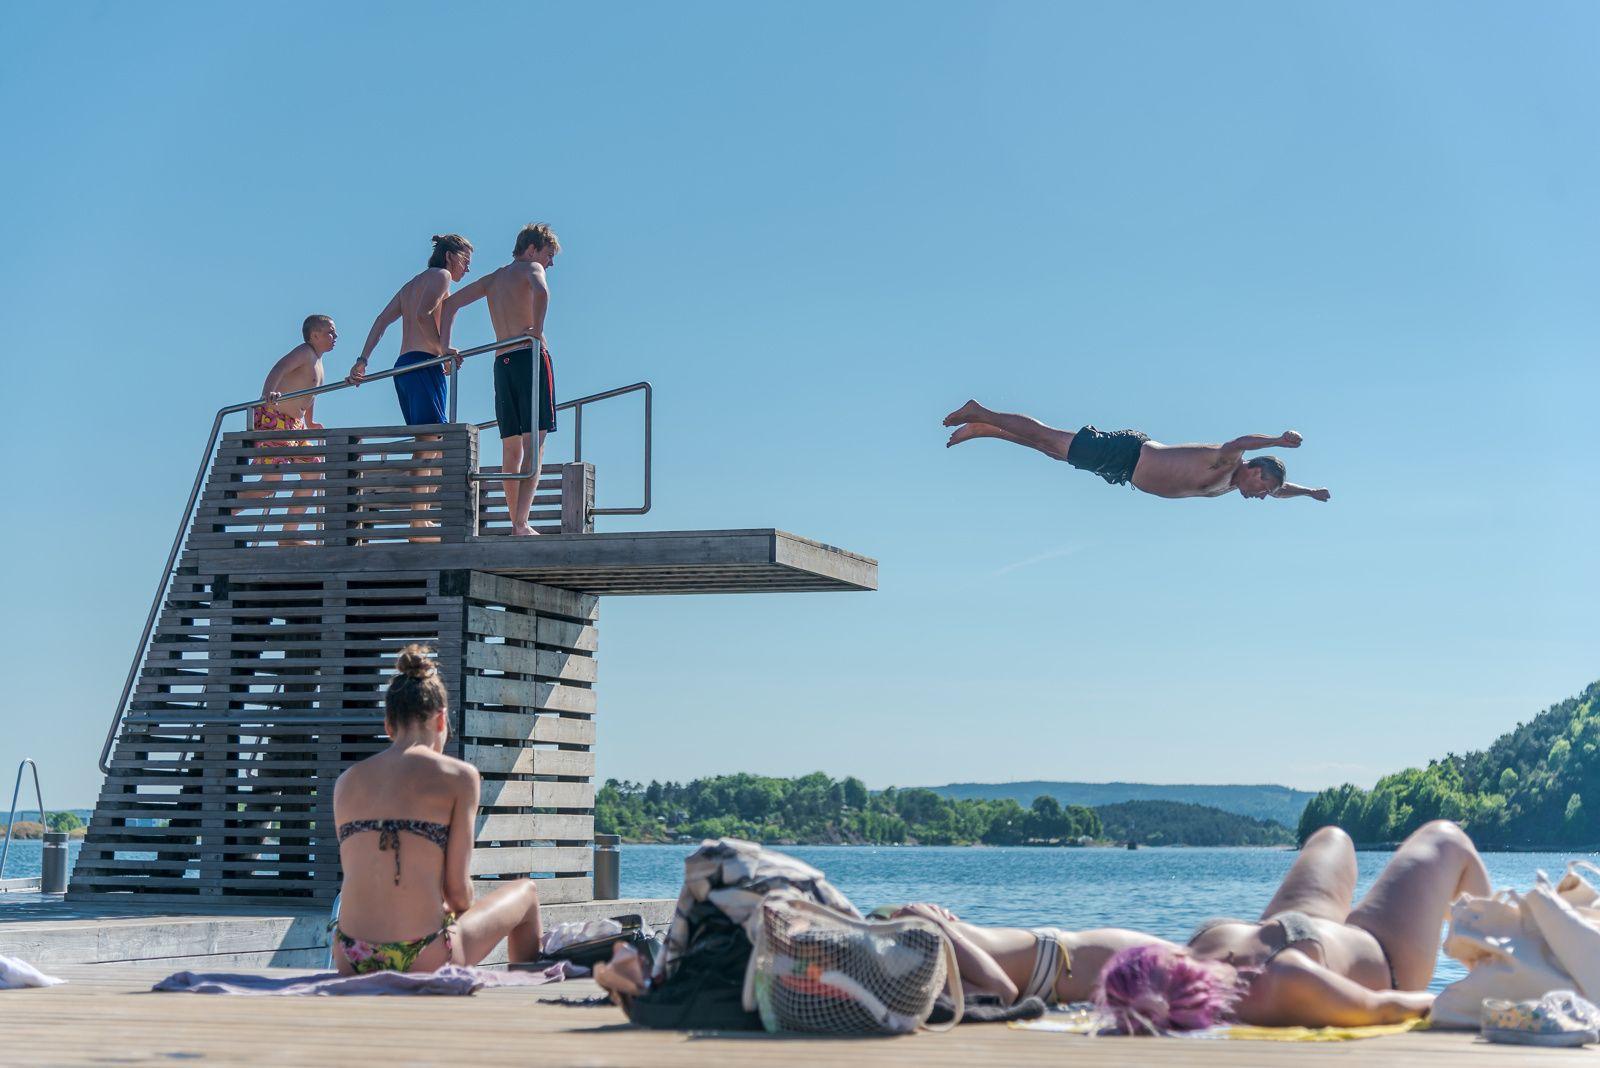 Arups gate 18 B - Legg turen ned til Sørenga med flere populære restauranter og gode bademuligheter sommerstid -